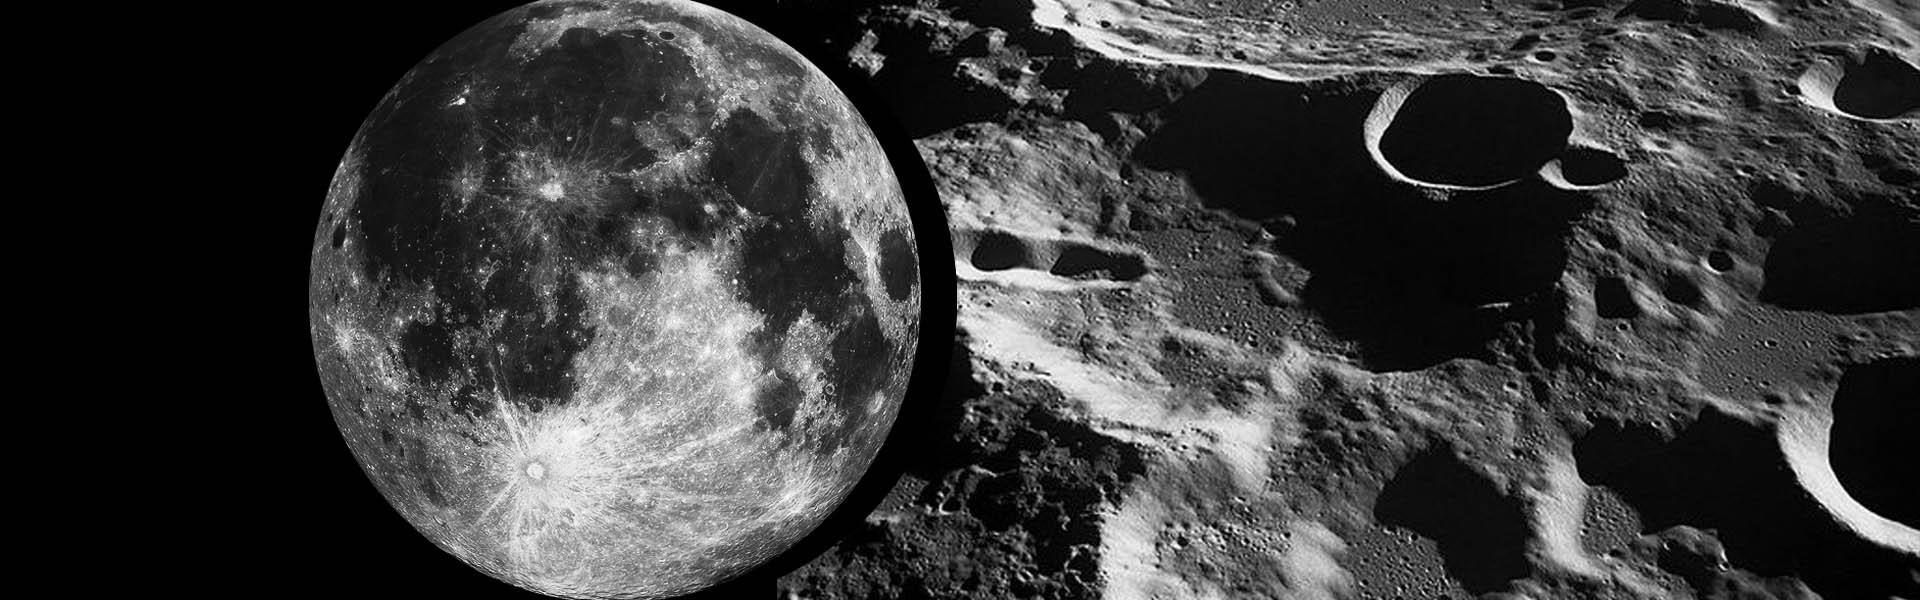 Reiseziel Mond